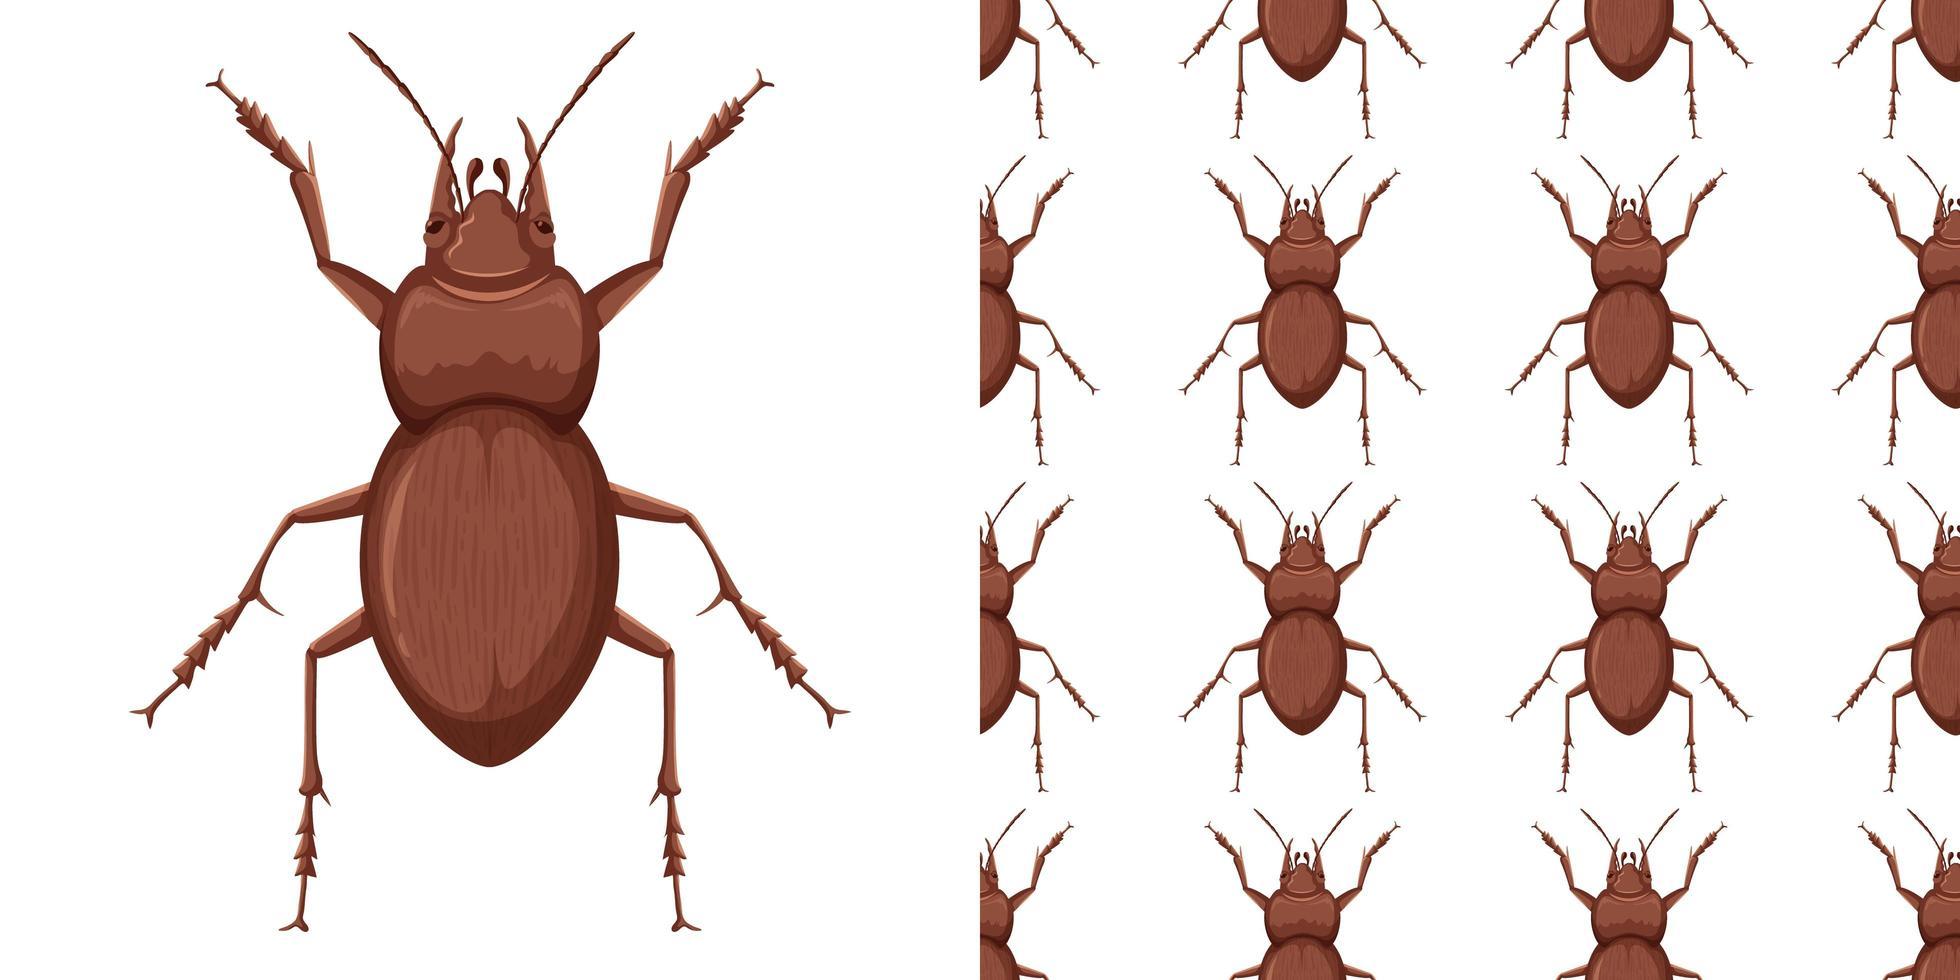 Käfer Insekt und Muster vektor